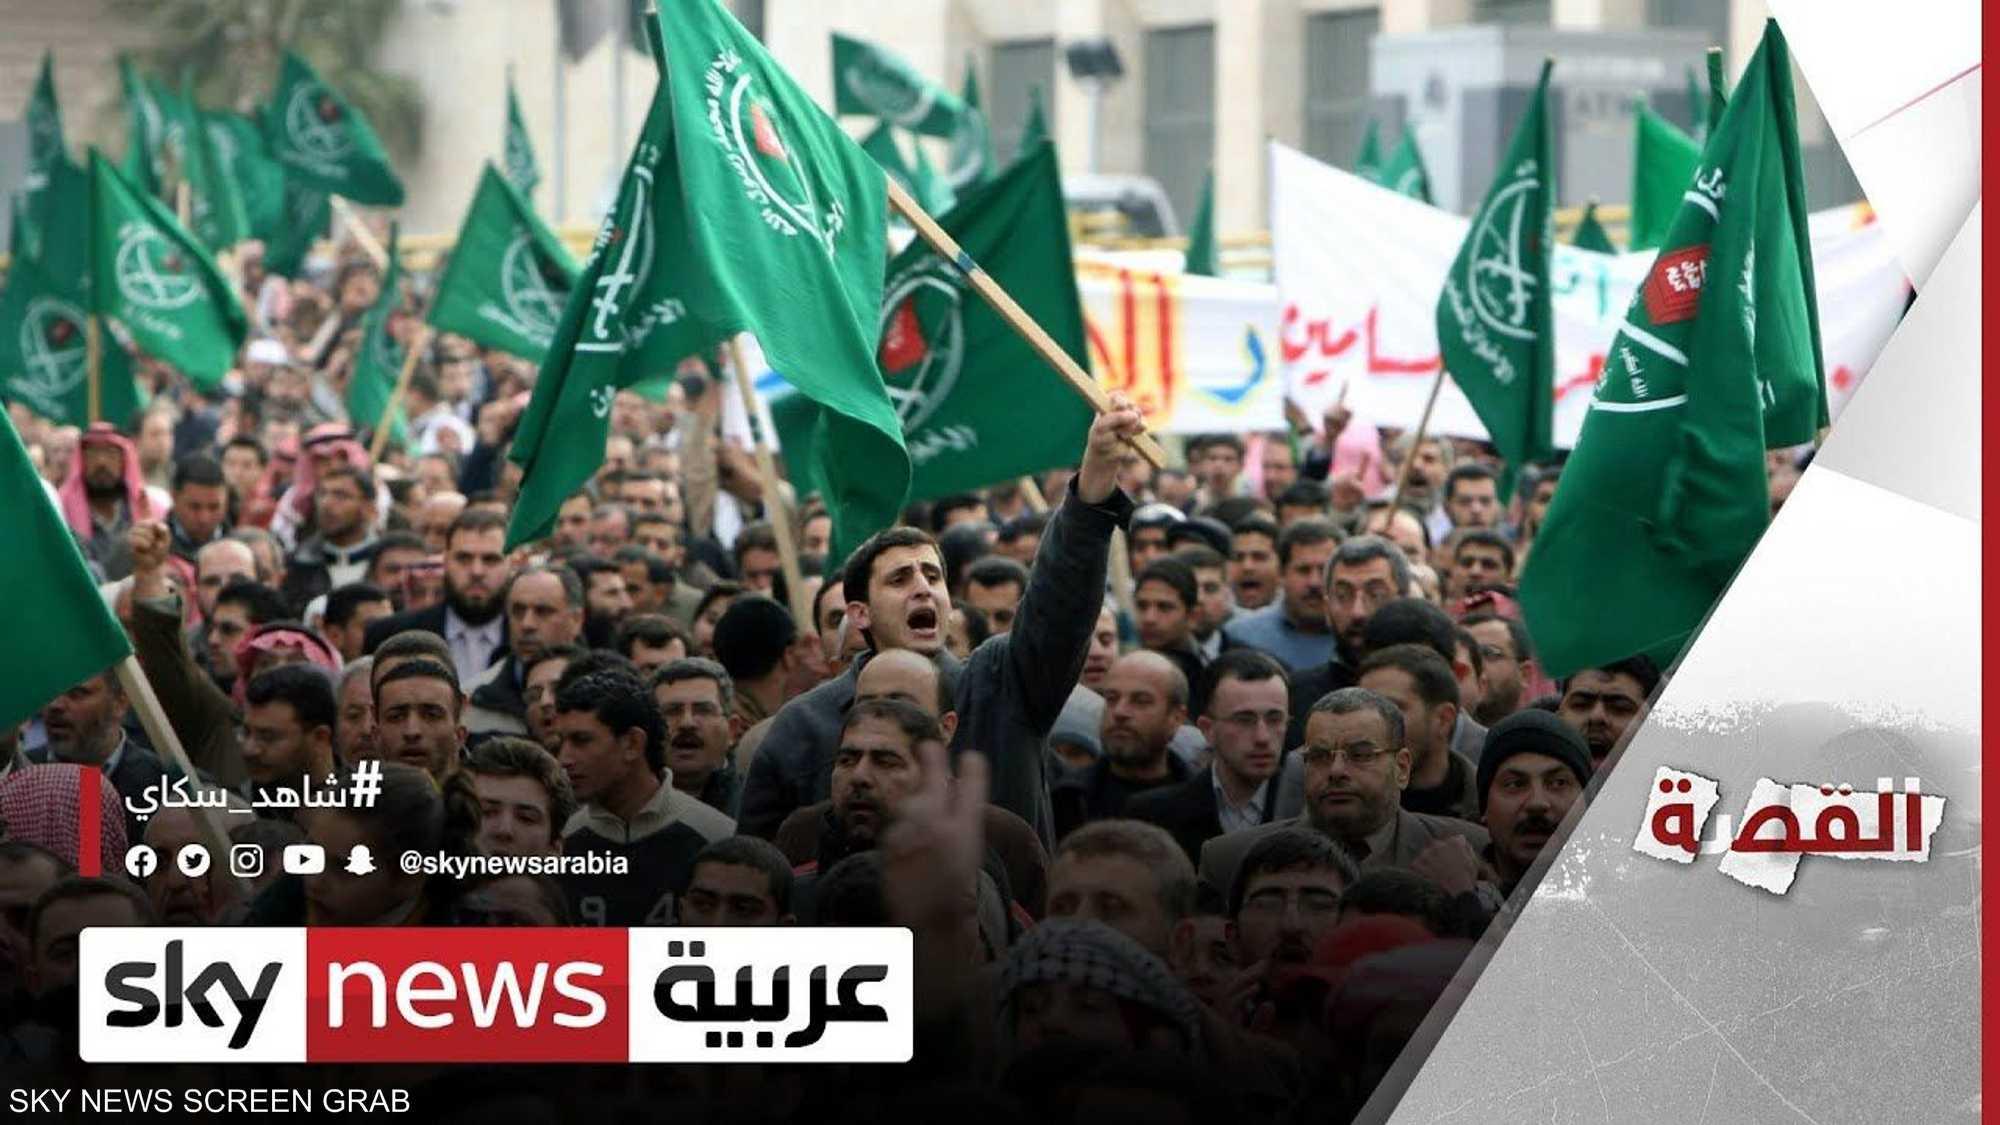 كيف تاجر الإخوان بالقضية الفلسطينية؟